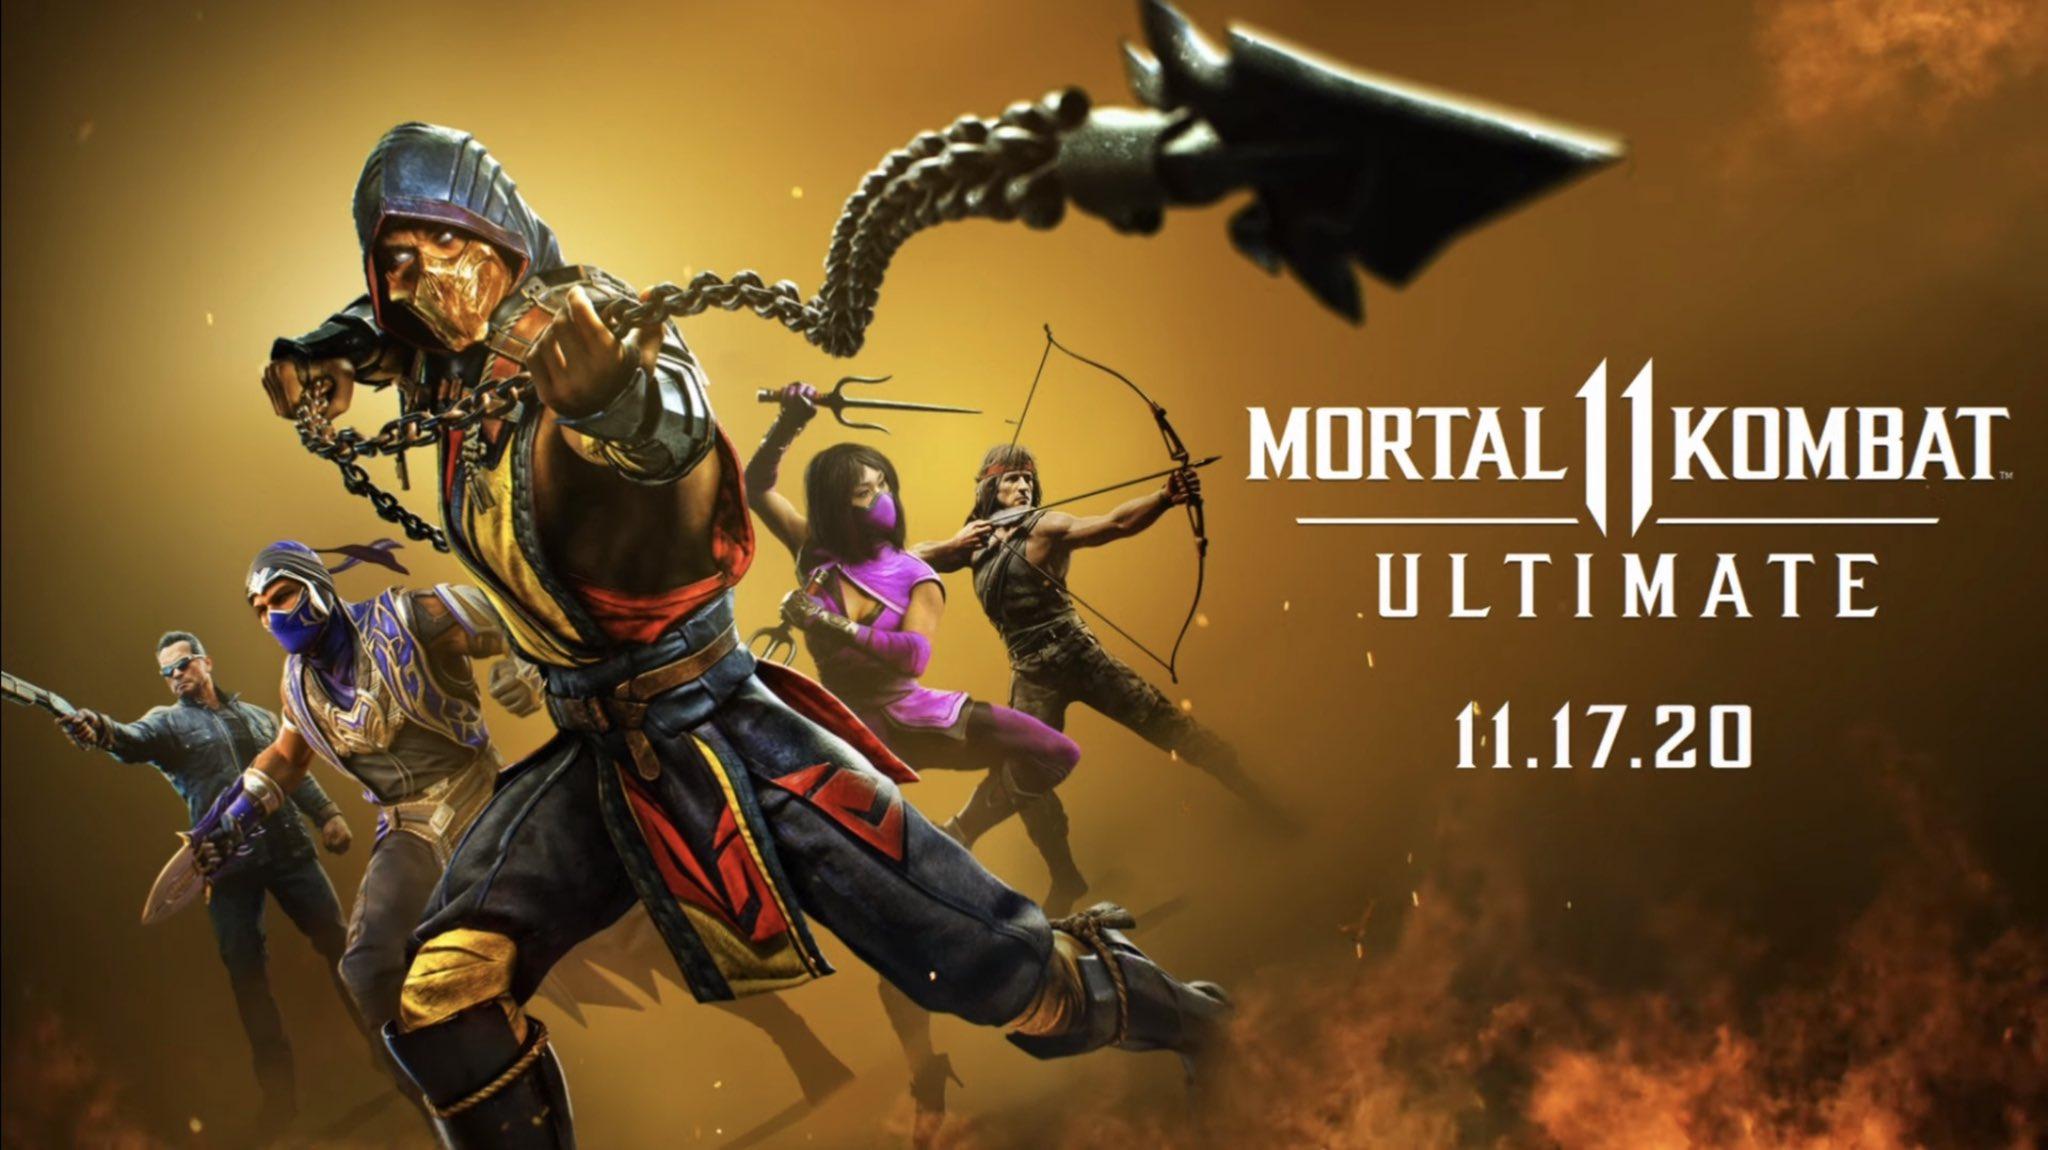 بازی پرطرفدار  Mortal Kombat 11 Ultimate روی تمام پلتفرمها در دسترس قرار گرفت